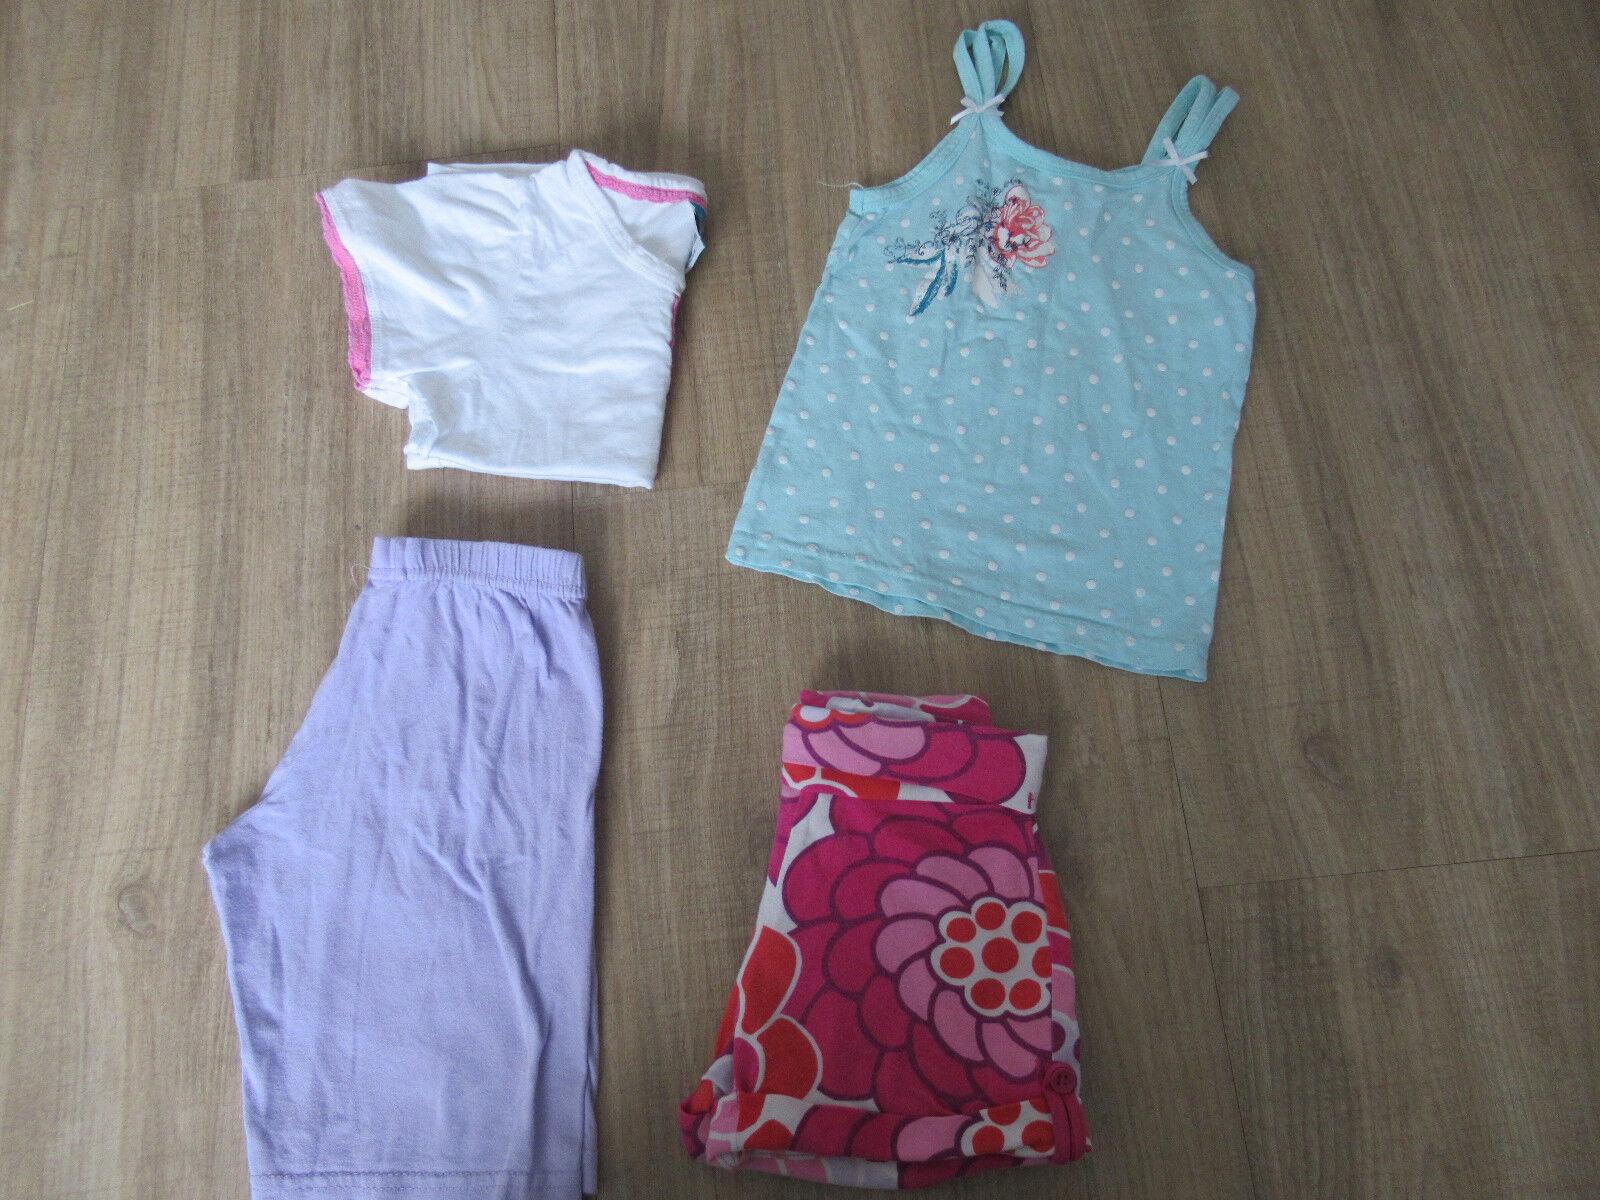 2 kurze Hosen & 2 T -Shirts  Gr. 104 / Sommerkleidung / Bekleidungspaket Mädchen